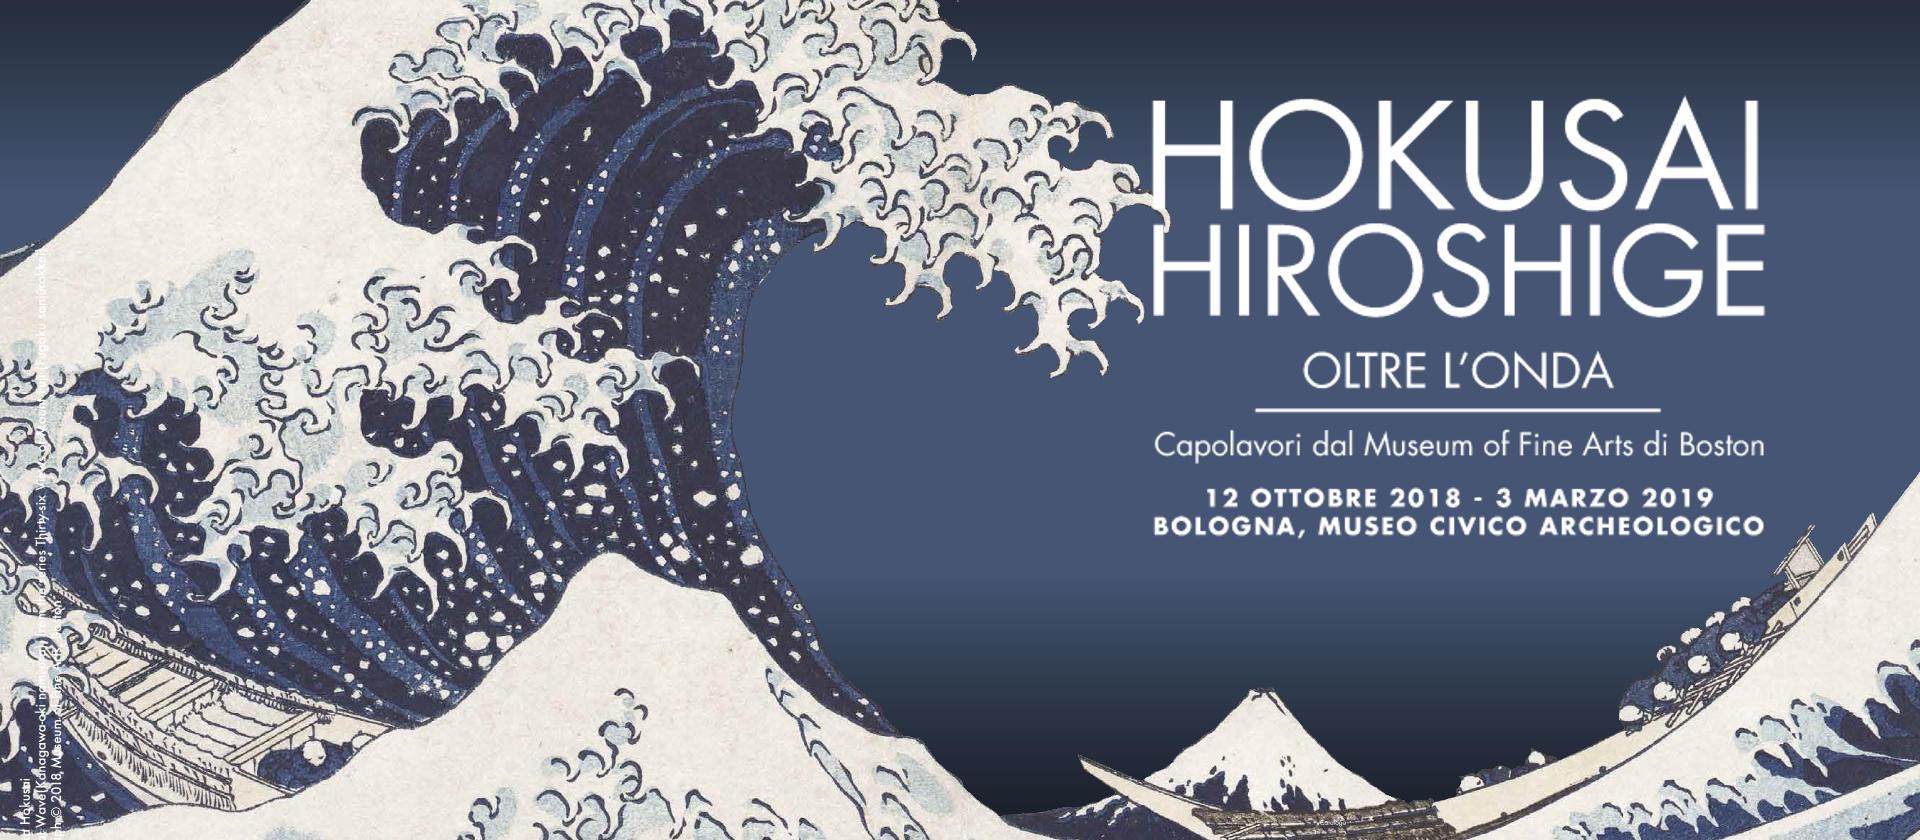 Mostra Hokusai Hiroshige Oltre l'Onda - Bologna